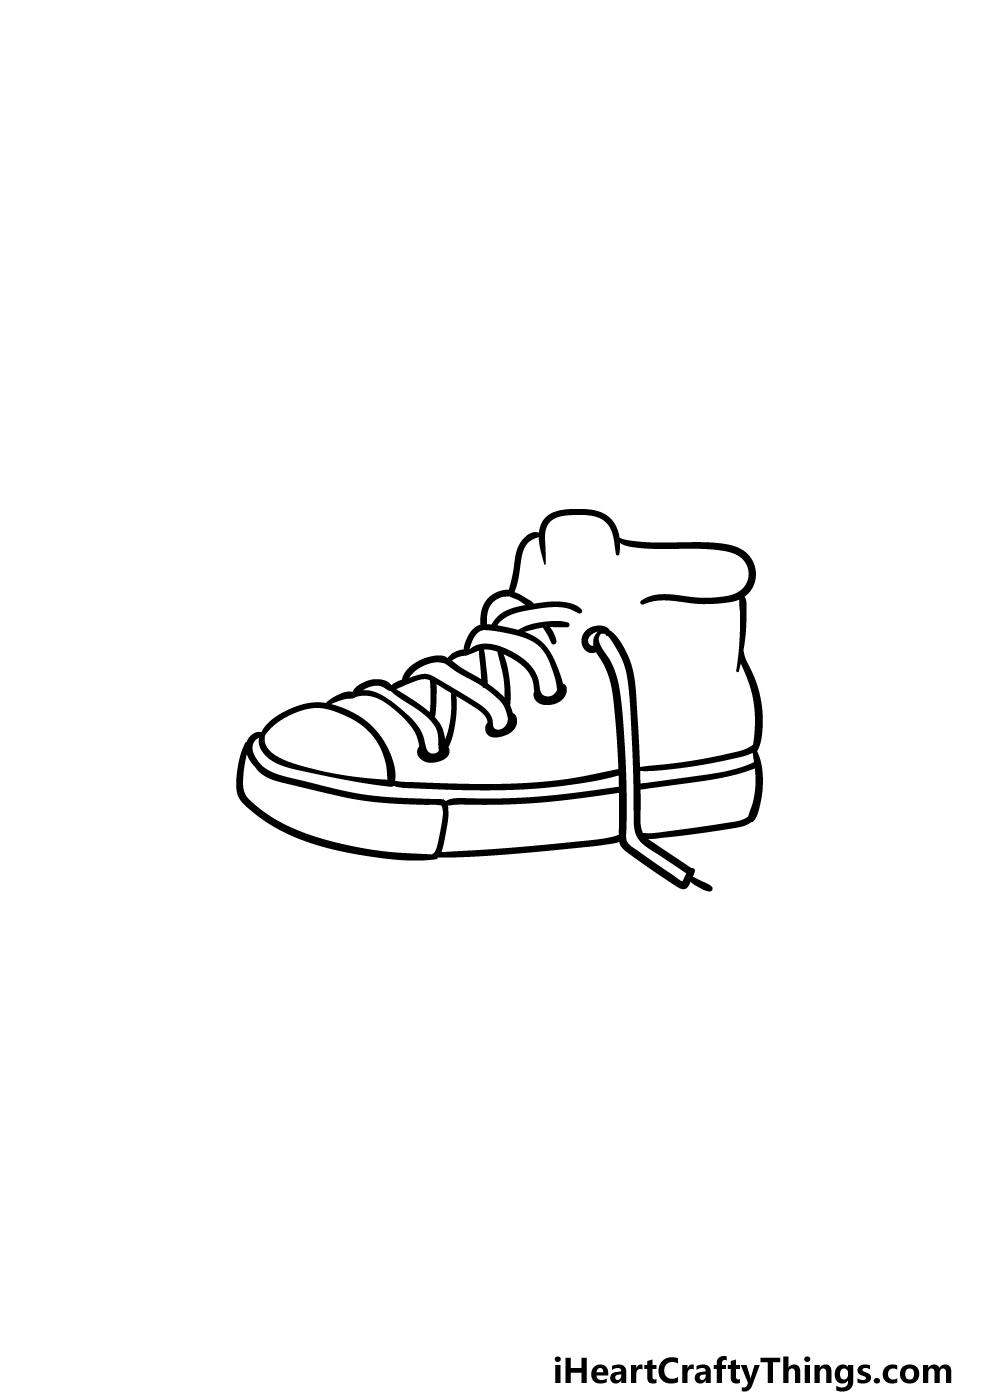 drawing sneakers step 3